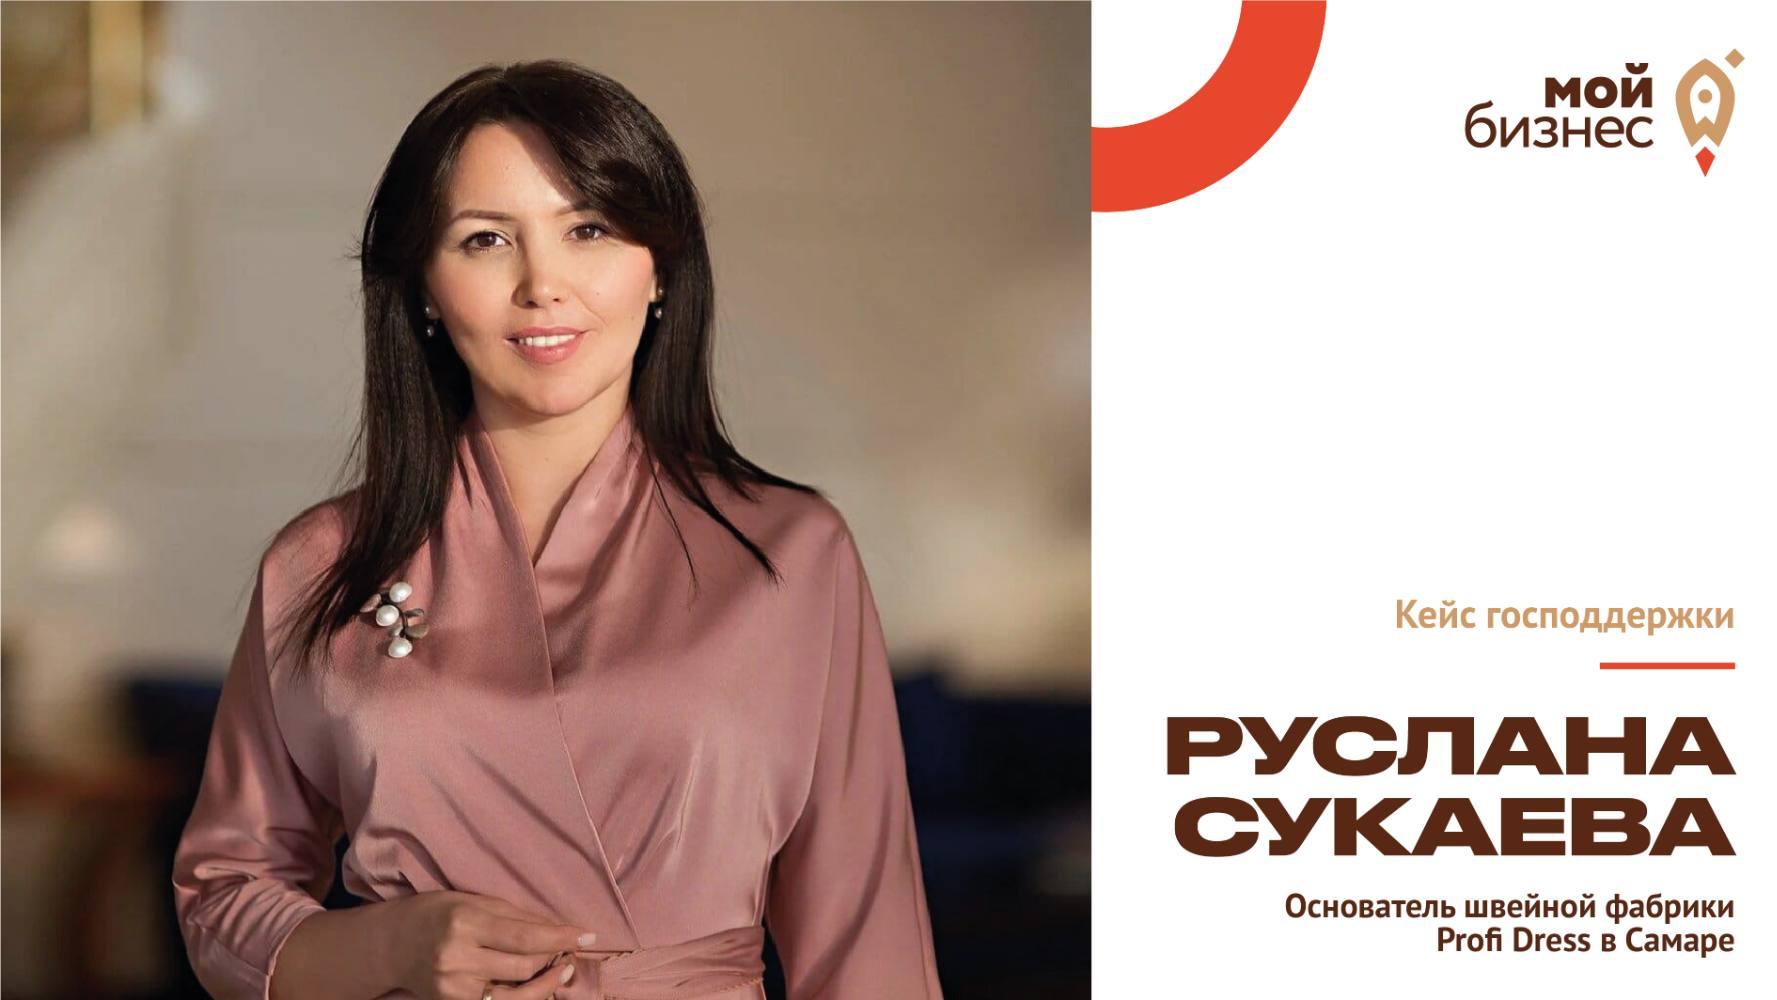 Руслана Сукаева — о том, как время подсказало новые возможности для развития бизнеса